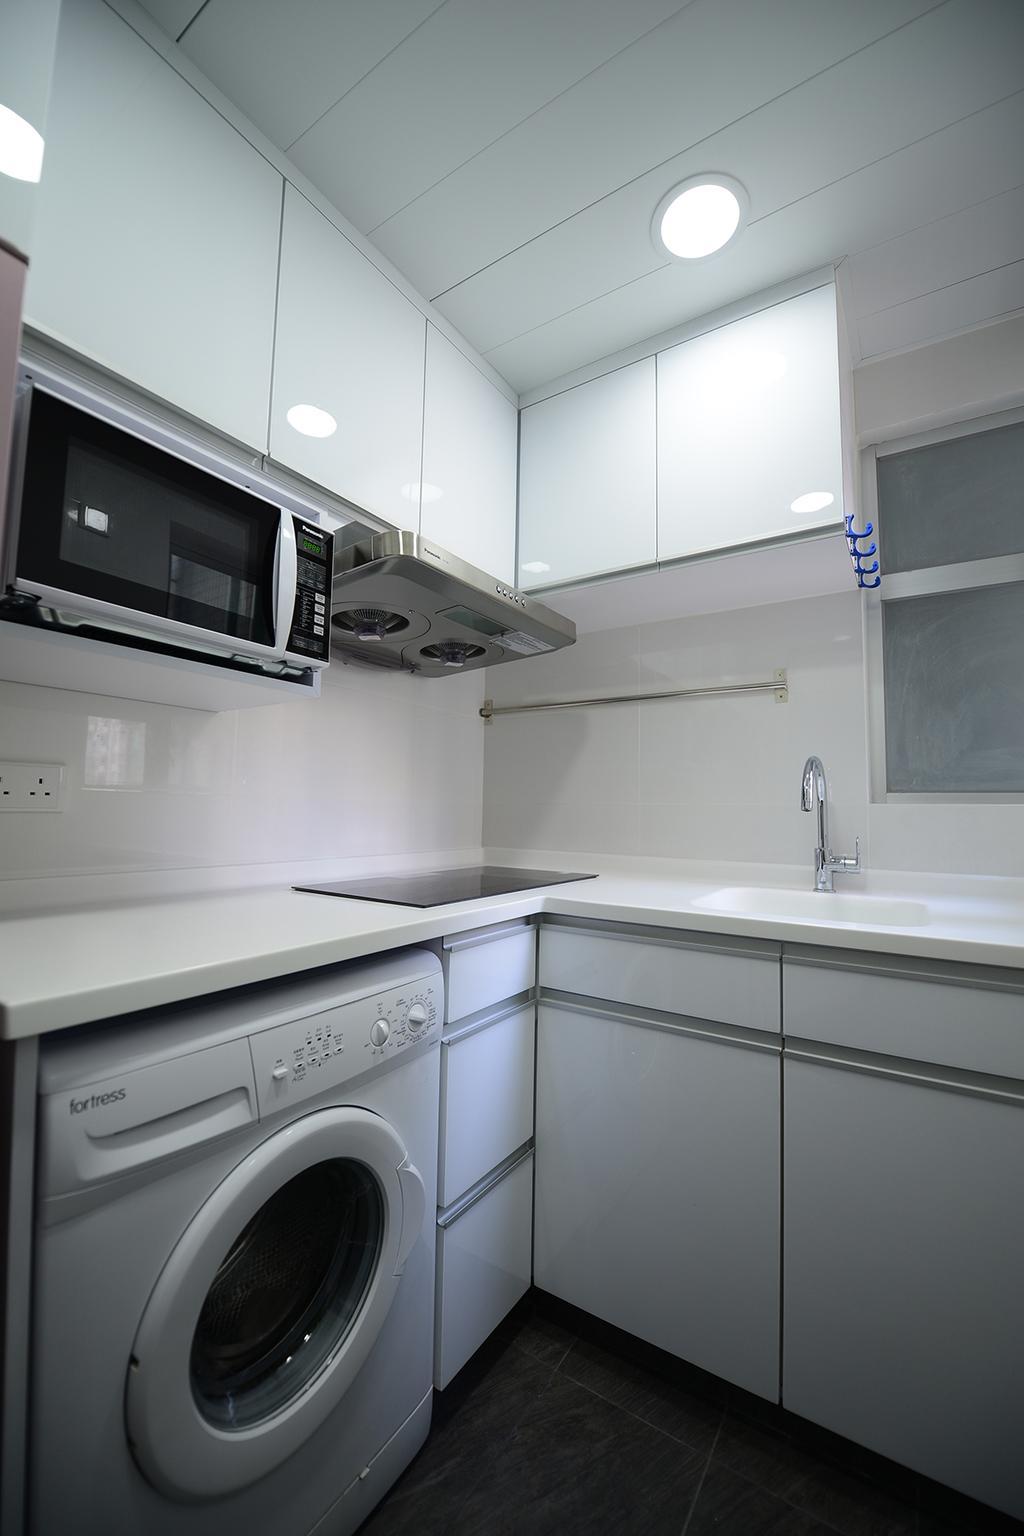 私家樓, 廚房, 新都城, 室內設計師, 爾雋設計